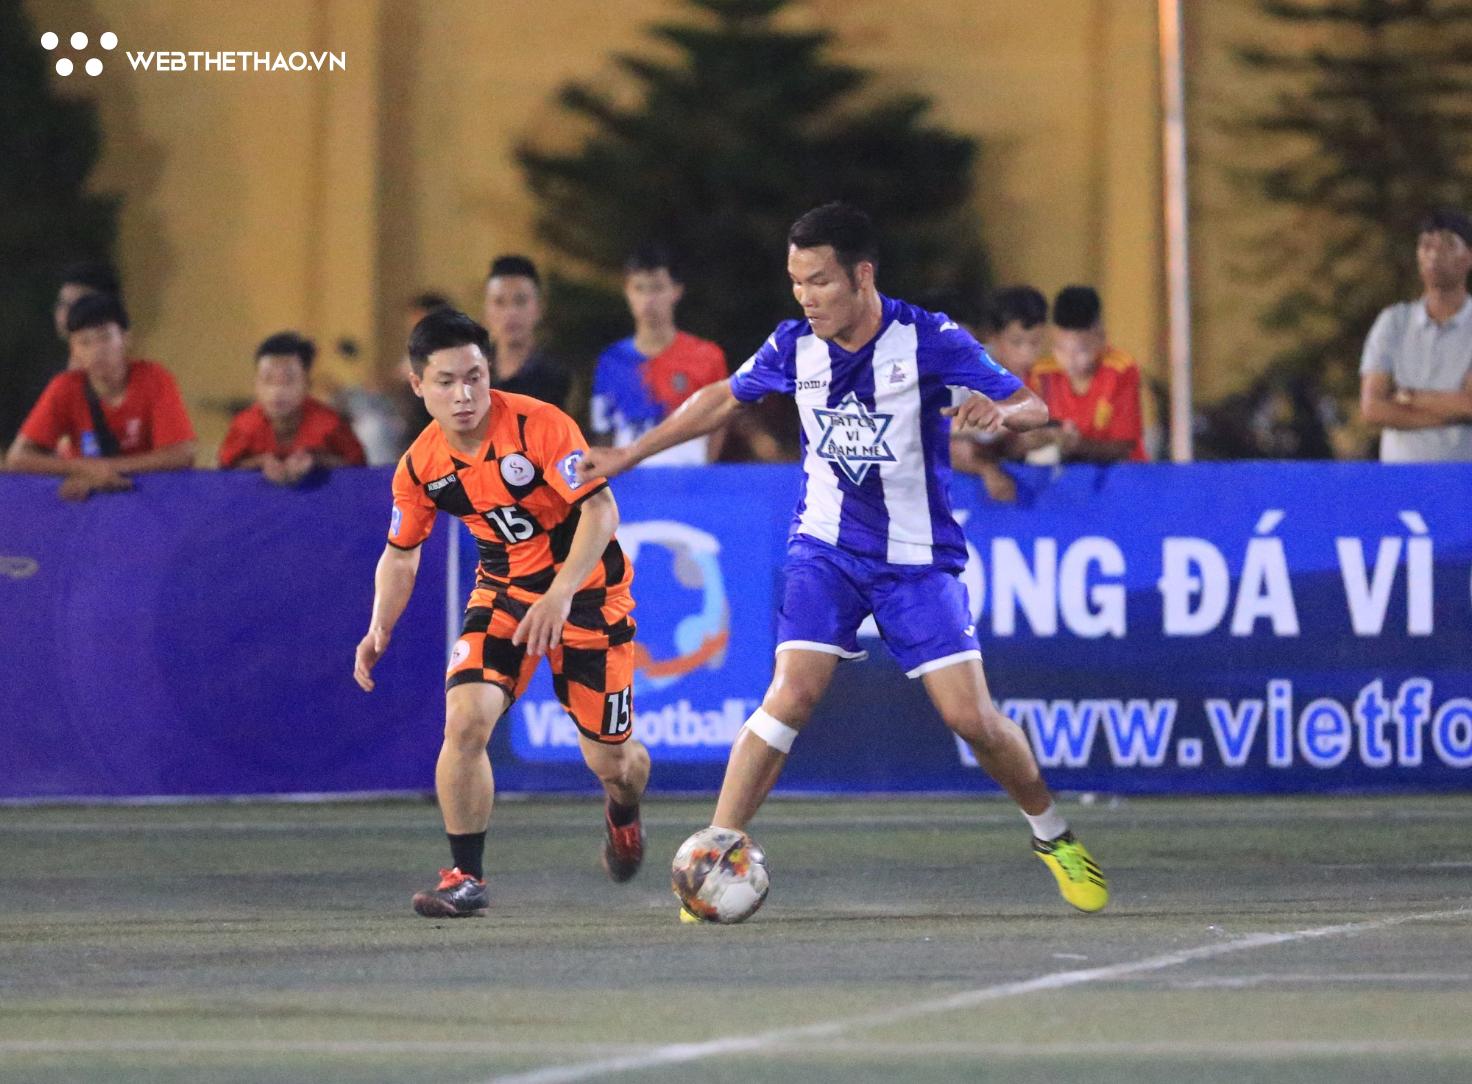 Link trực tiếp Giải Ngoại hạng Cúp Vietfootball - HPL-S6 Vòng 2 - Ảnh 2.